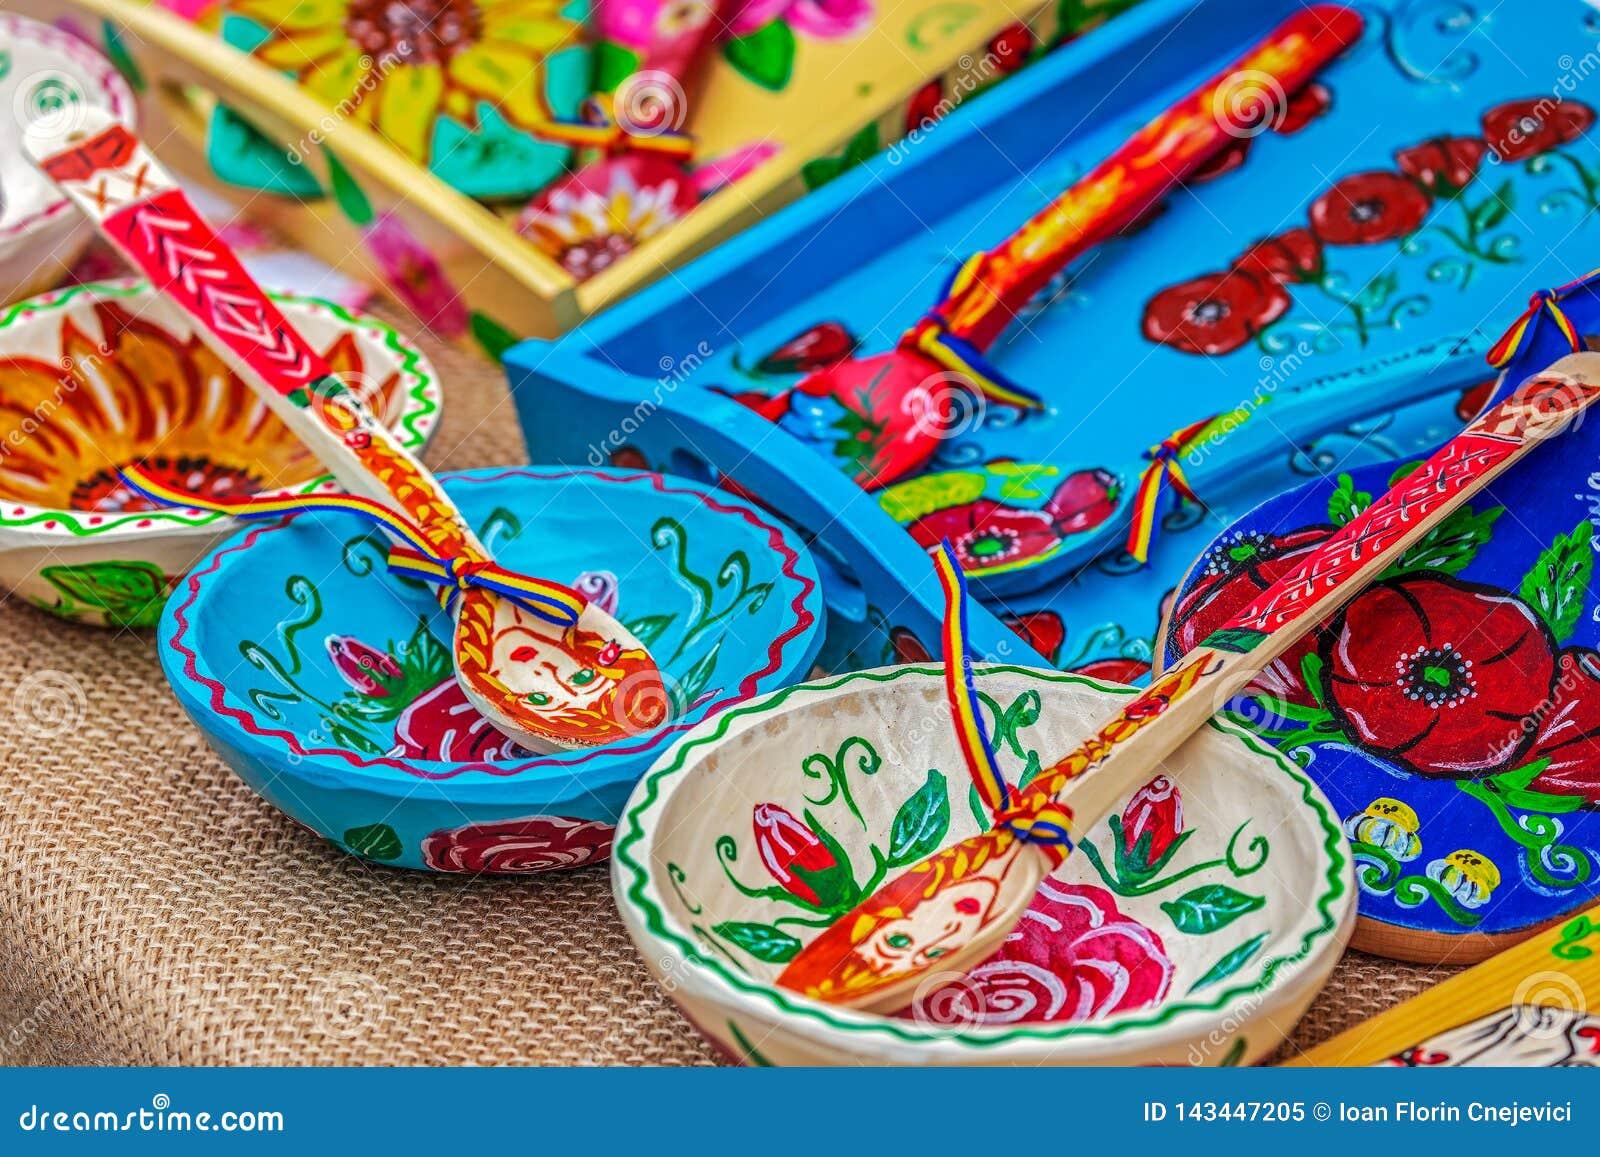 Τα εσωτερικά αντικείμενα χάρασαν και χρωμάτισαν με τα παραδοσιακά ρουμανικά σχέδια